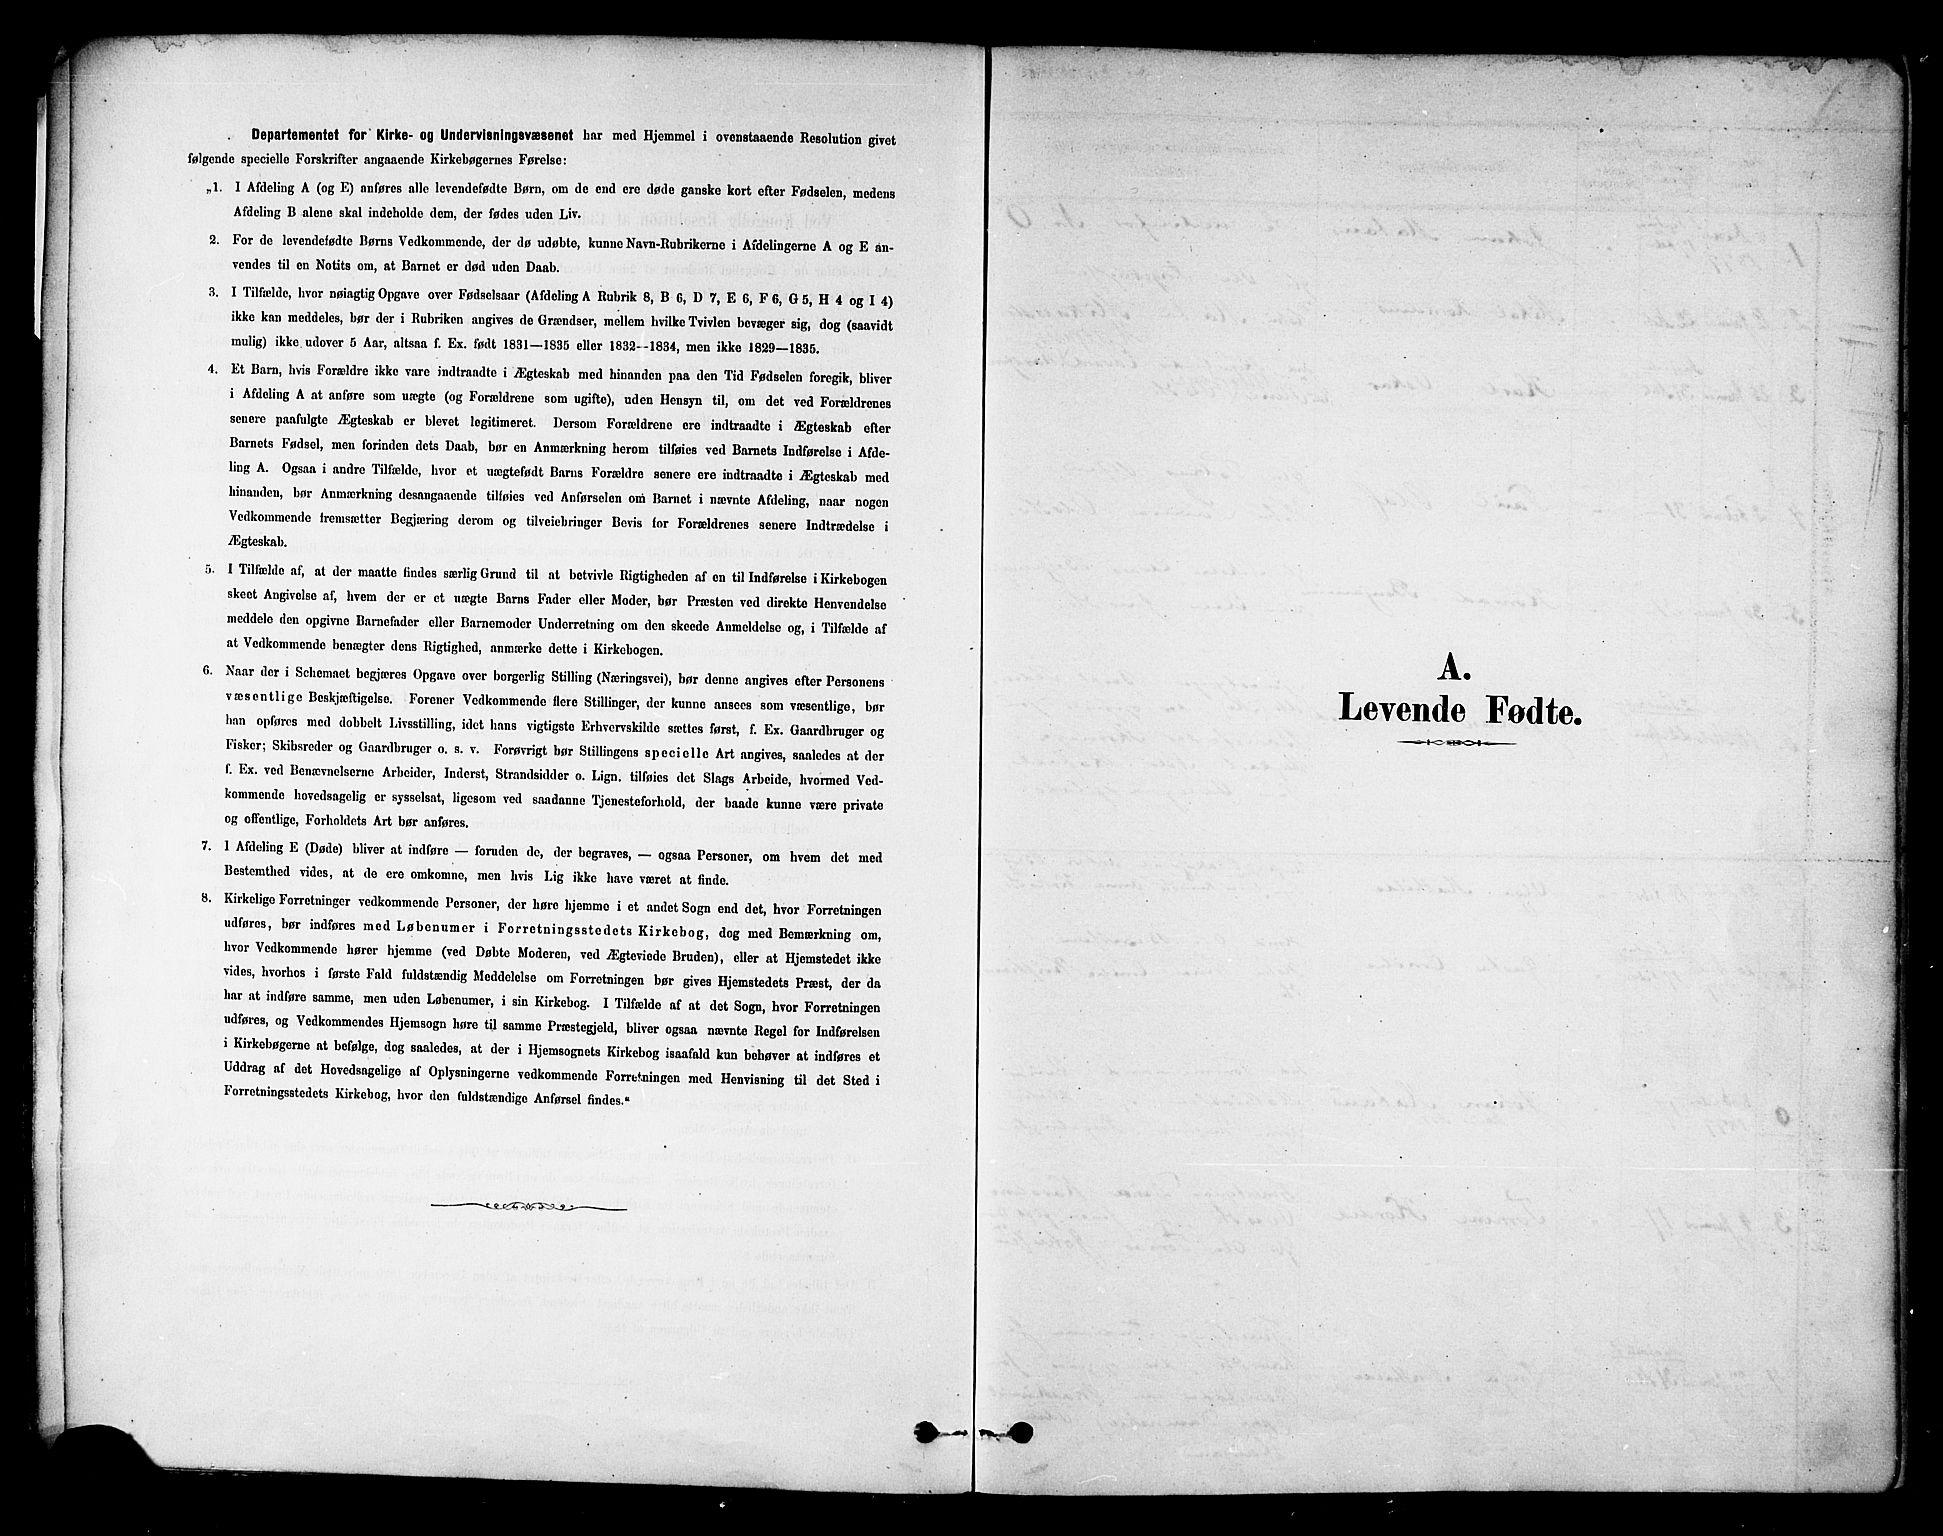 SAT, Ministerialprotokoller, klokkerbøker og fødselsregistre - Nord-Trøndelag, 742/L0408: Ministerialbok nr. 742A01, 1878-1890